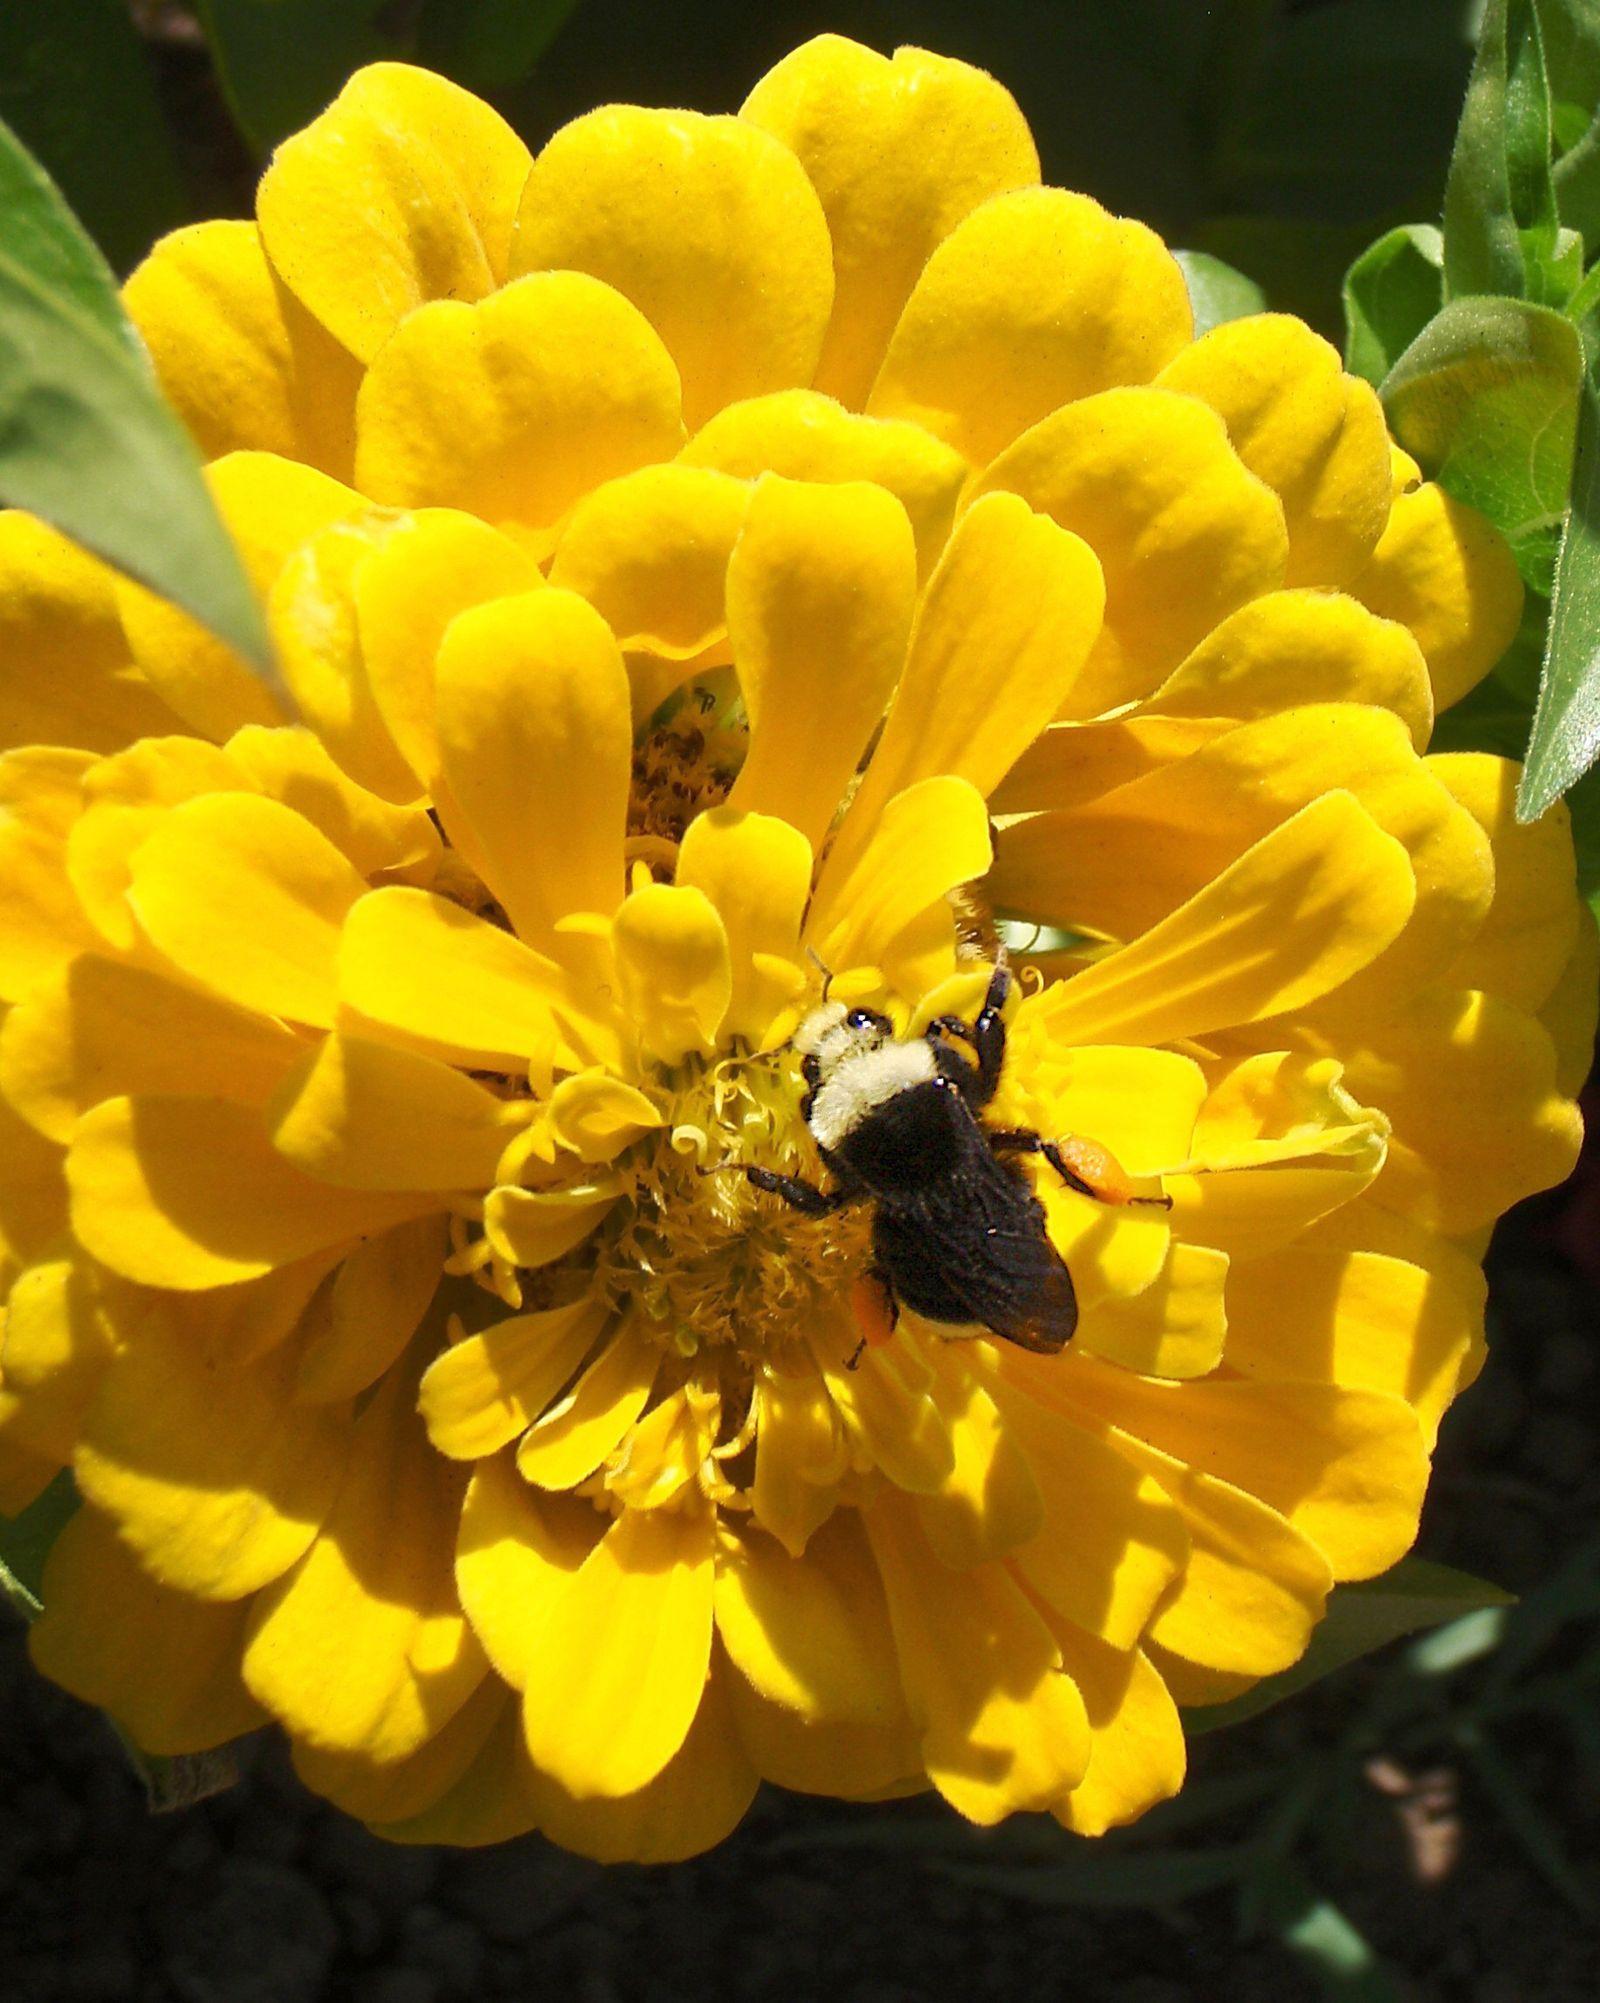 Wissenschaft/ Hummeln fliegen auf die bunte Vielfalt